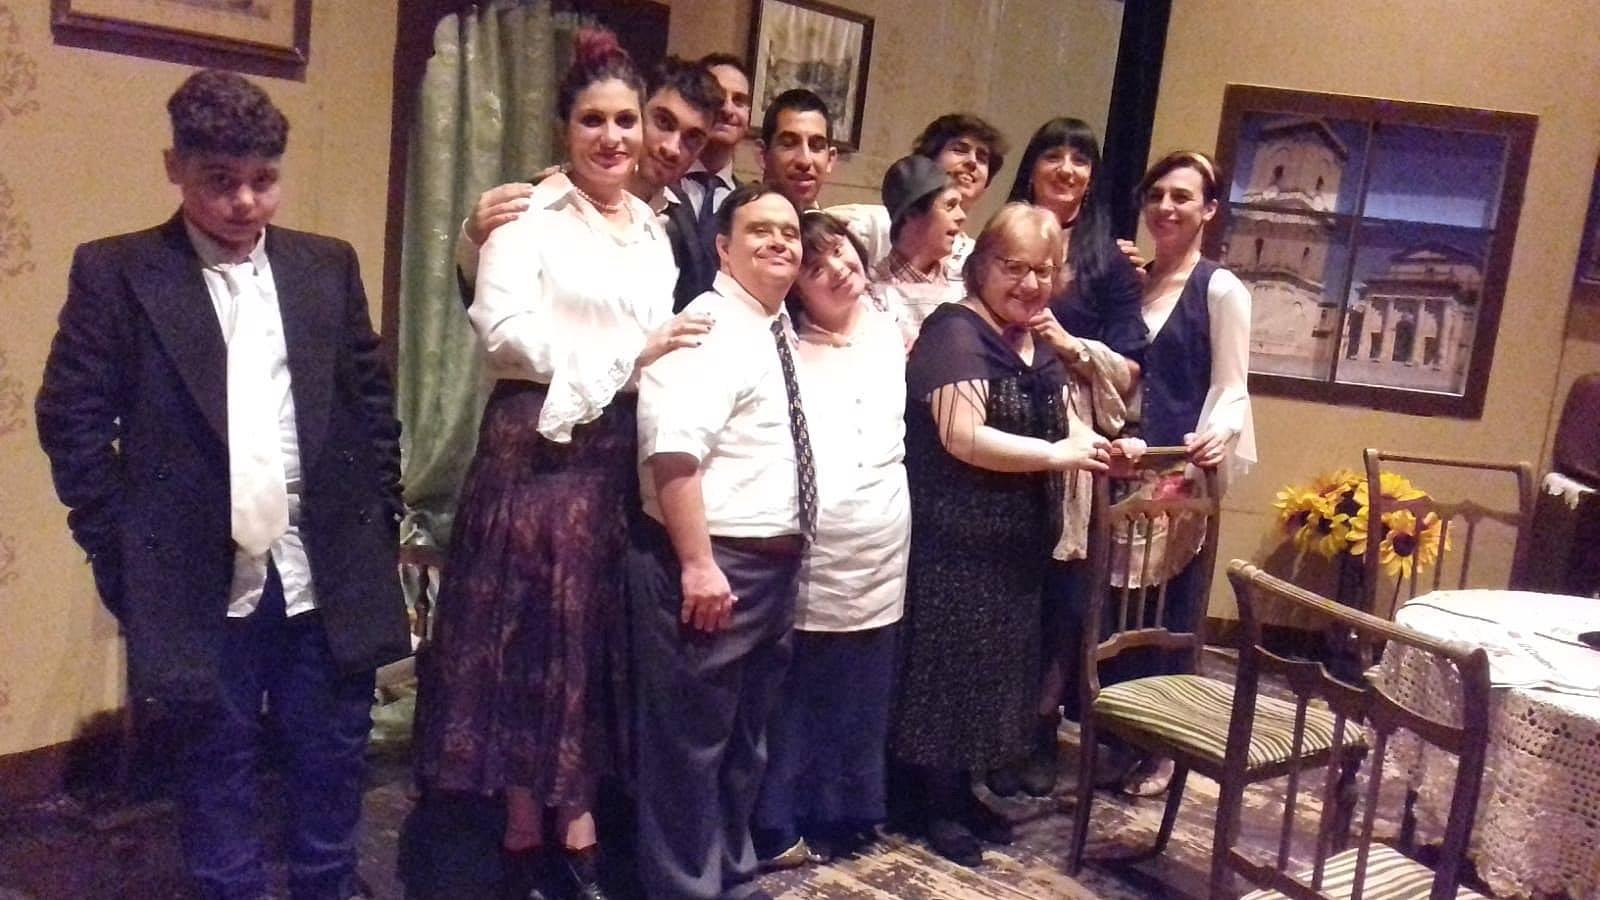 Foto di gruppo degli attori